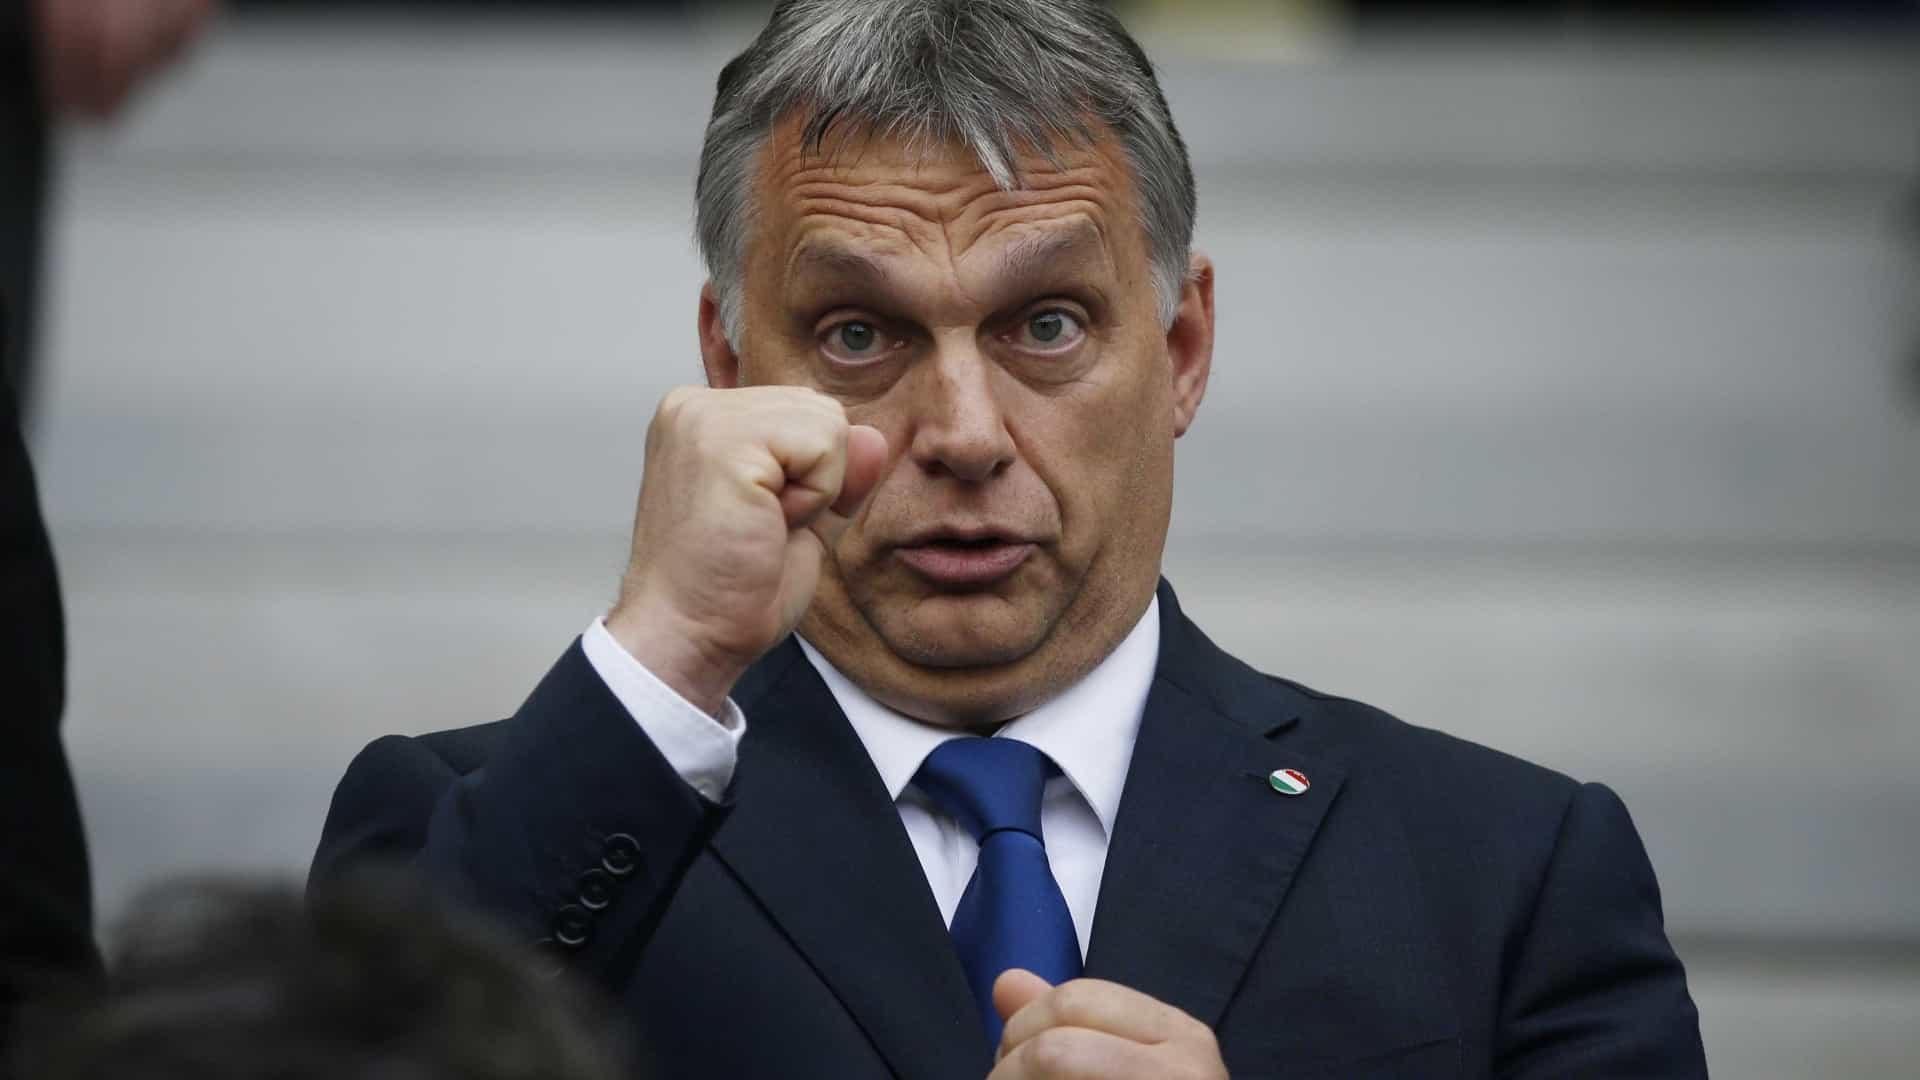 Democracia iliberal: de Hungria e Rússia a Europa e América